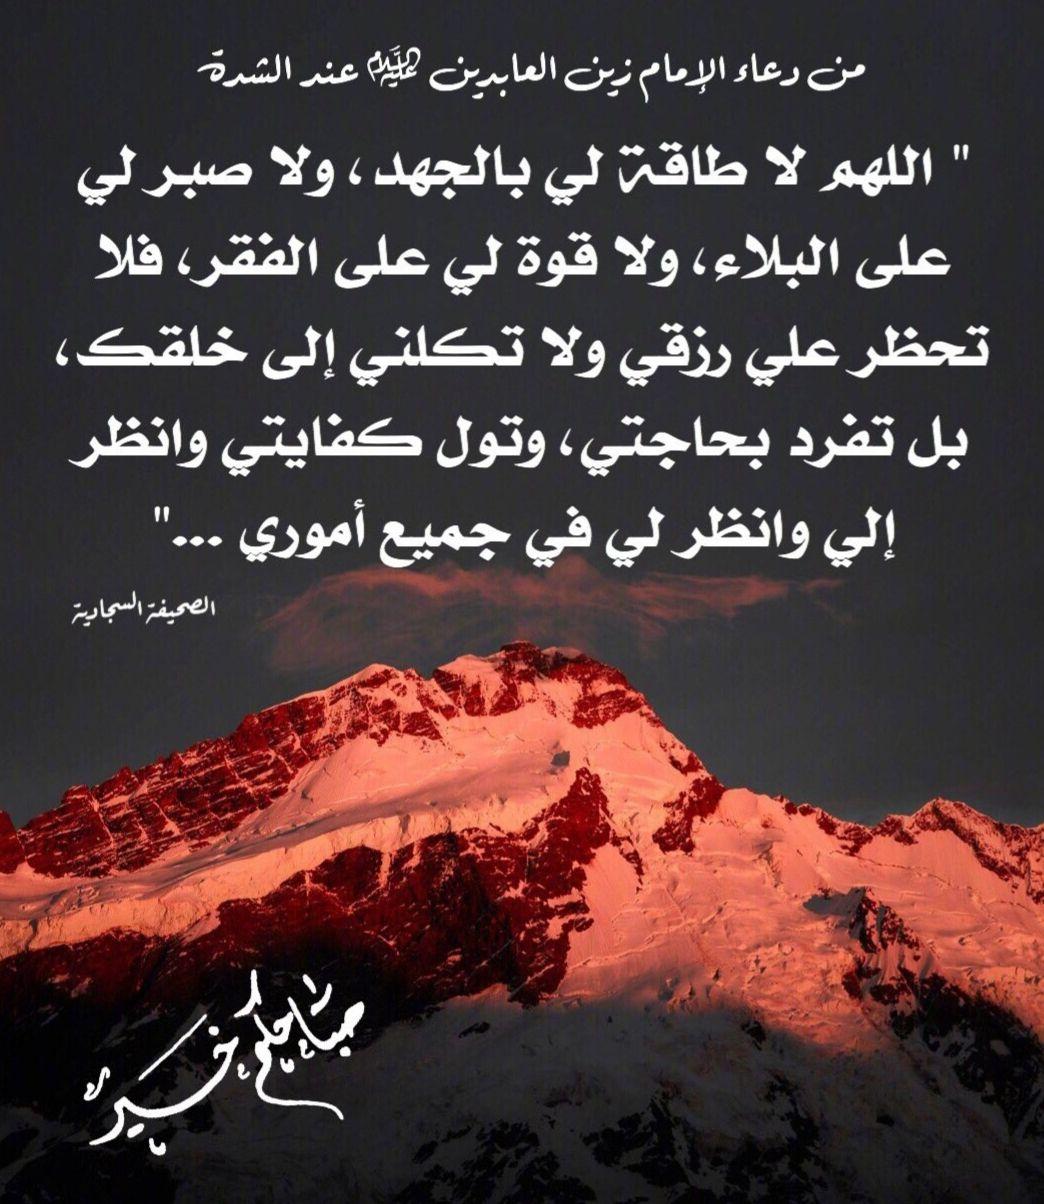 صباحكم خير Islamic Art Calligraphy Ali Quotes Proverbs Quotes